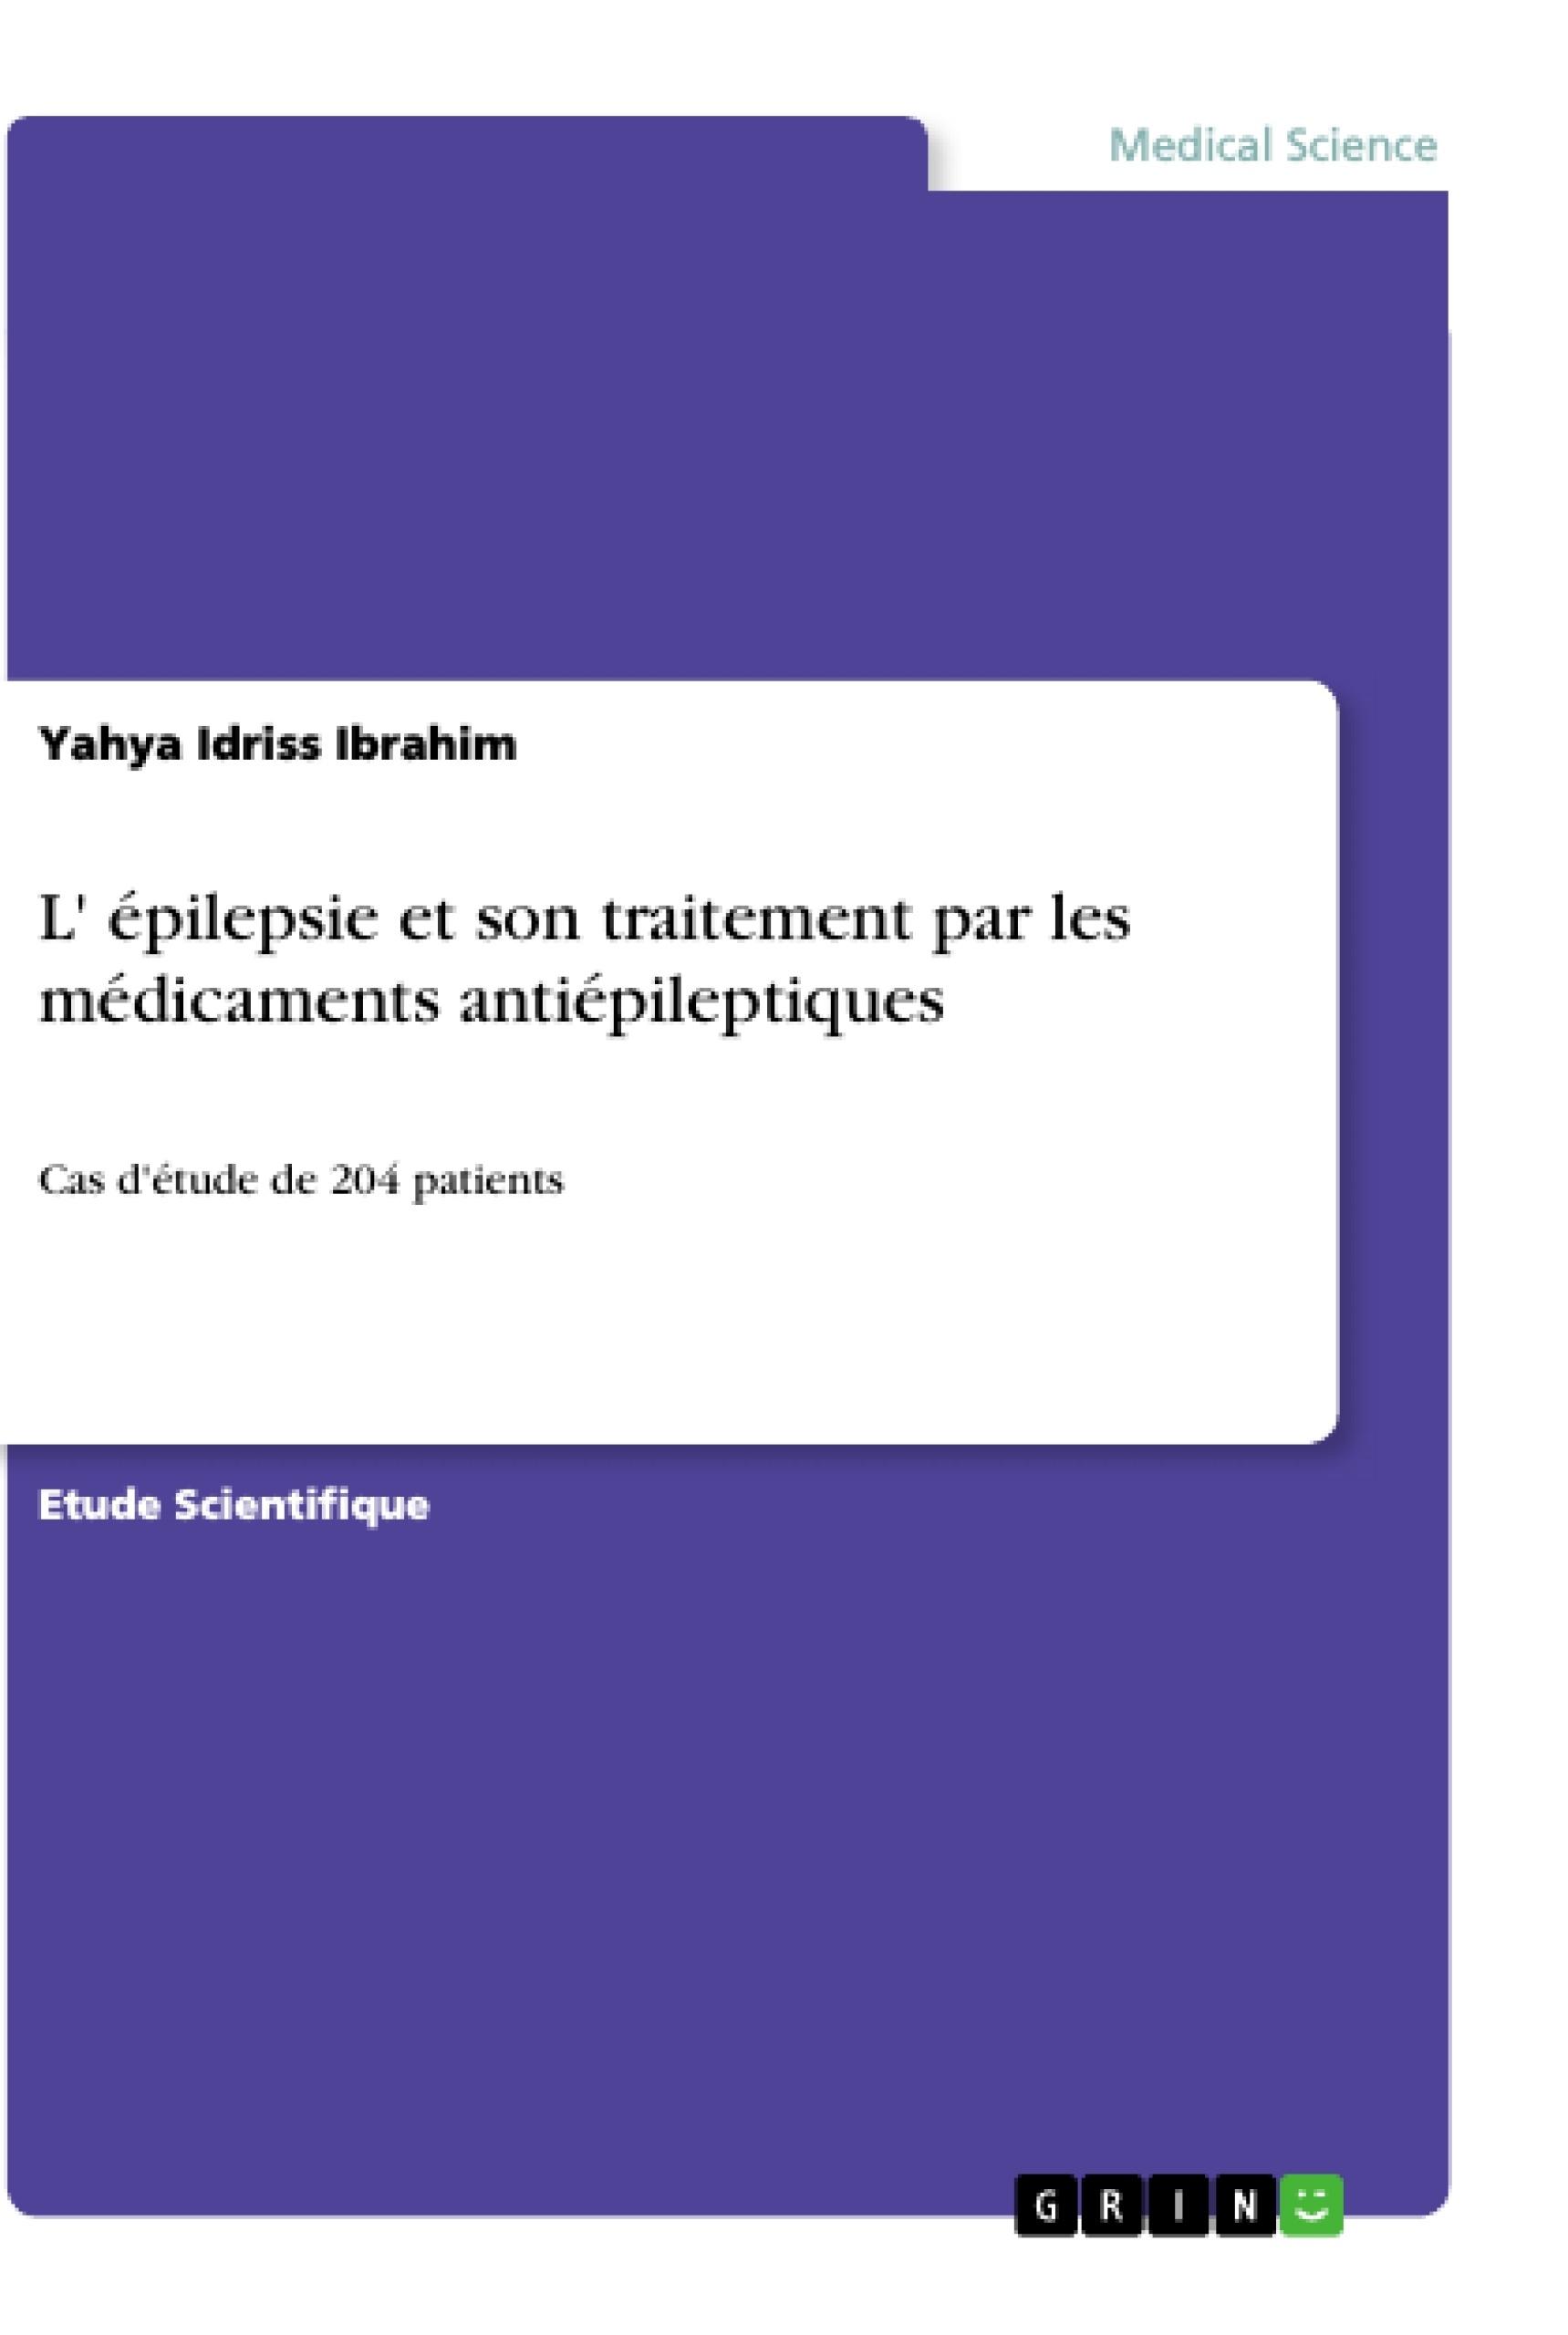 Titre: L' épilepsie et son traitement par les médicaments antiépileptiques